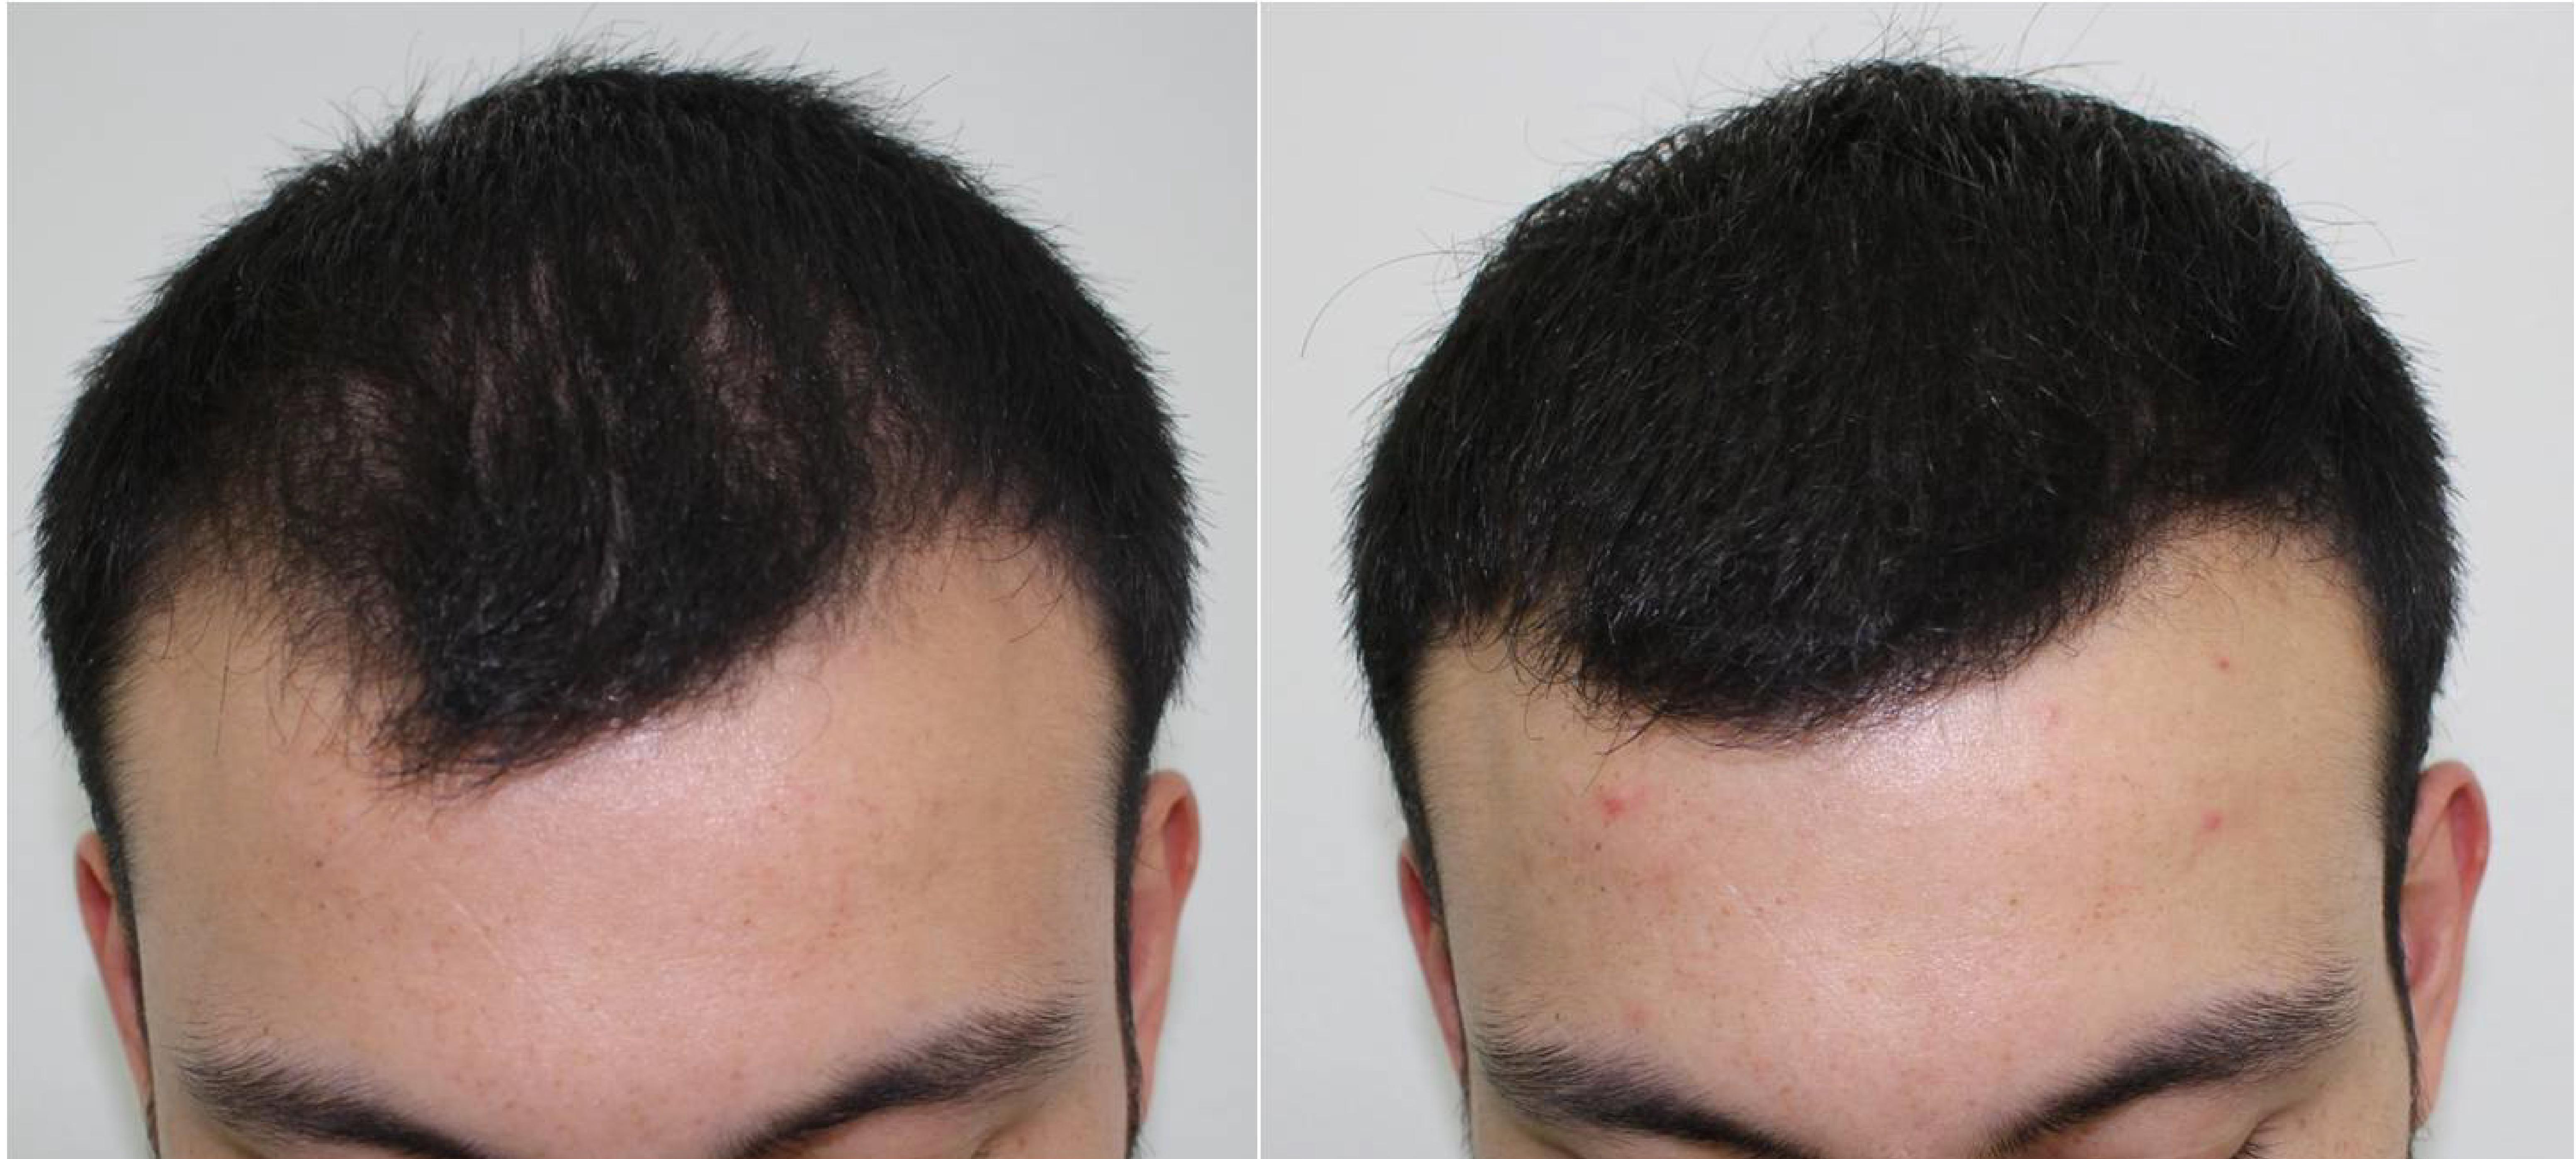 Tratamiento de Plasma Rico en Plaquetas (PRP) Antes y después b6ac7821e20b